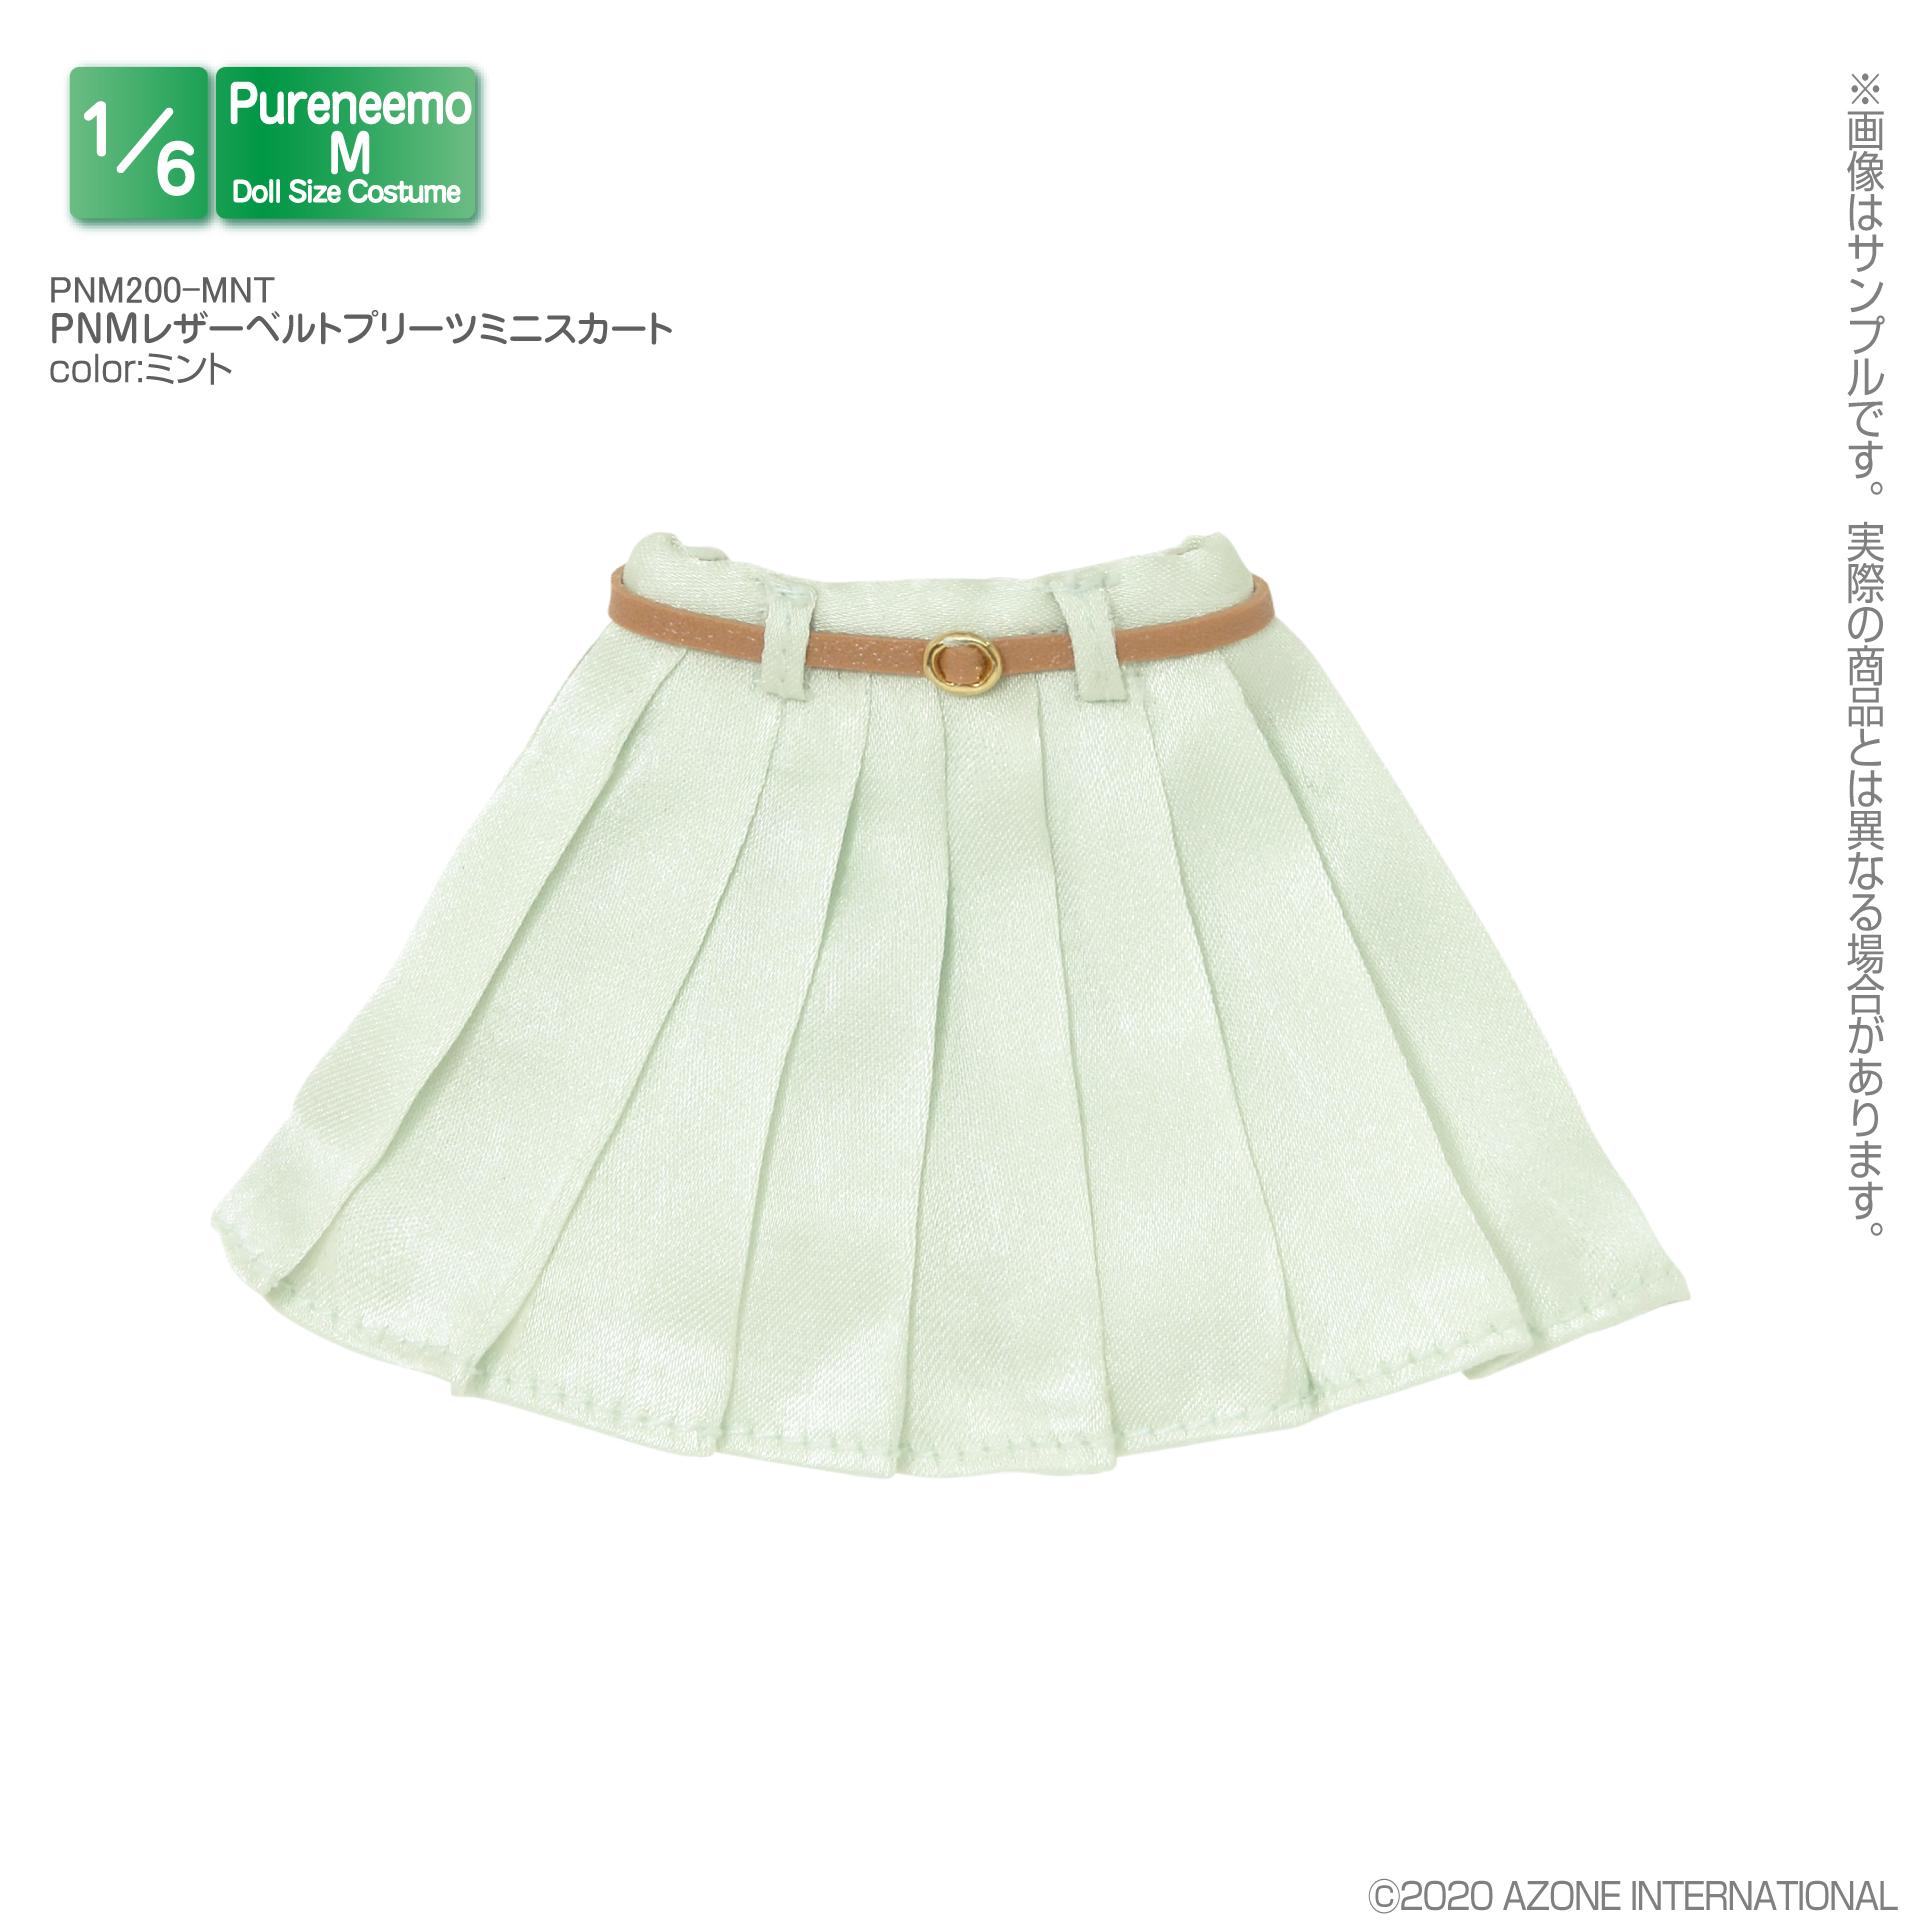 ピュアニーモ用 PNM『レザーベルトプリーツミニスカート[ピンク]』1/6 ドール服-002